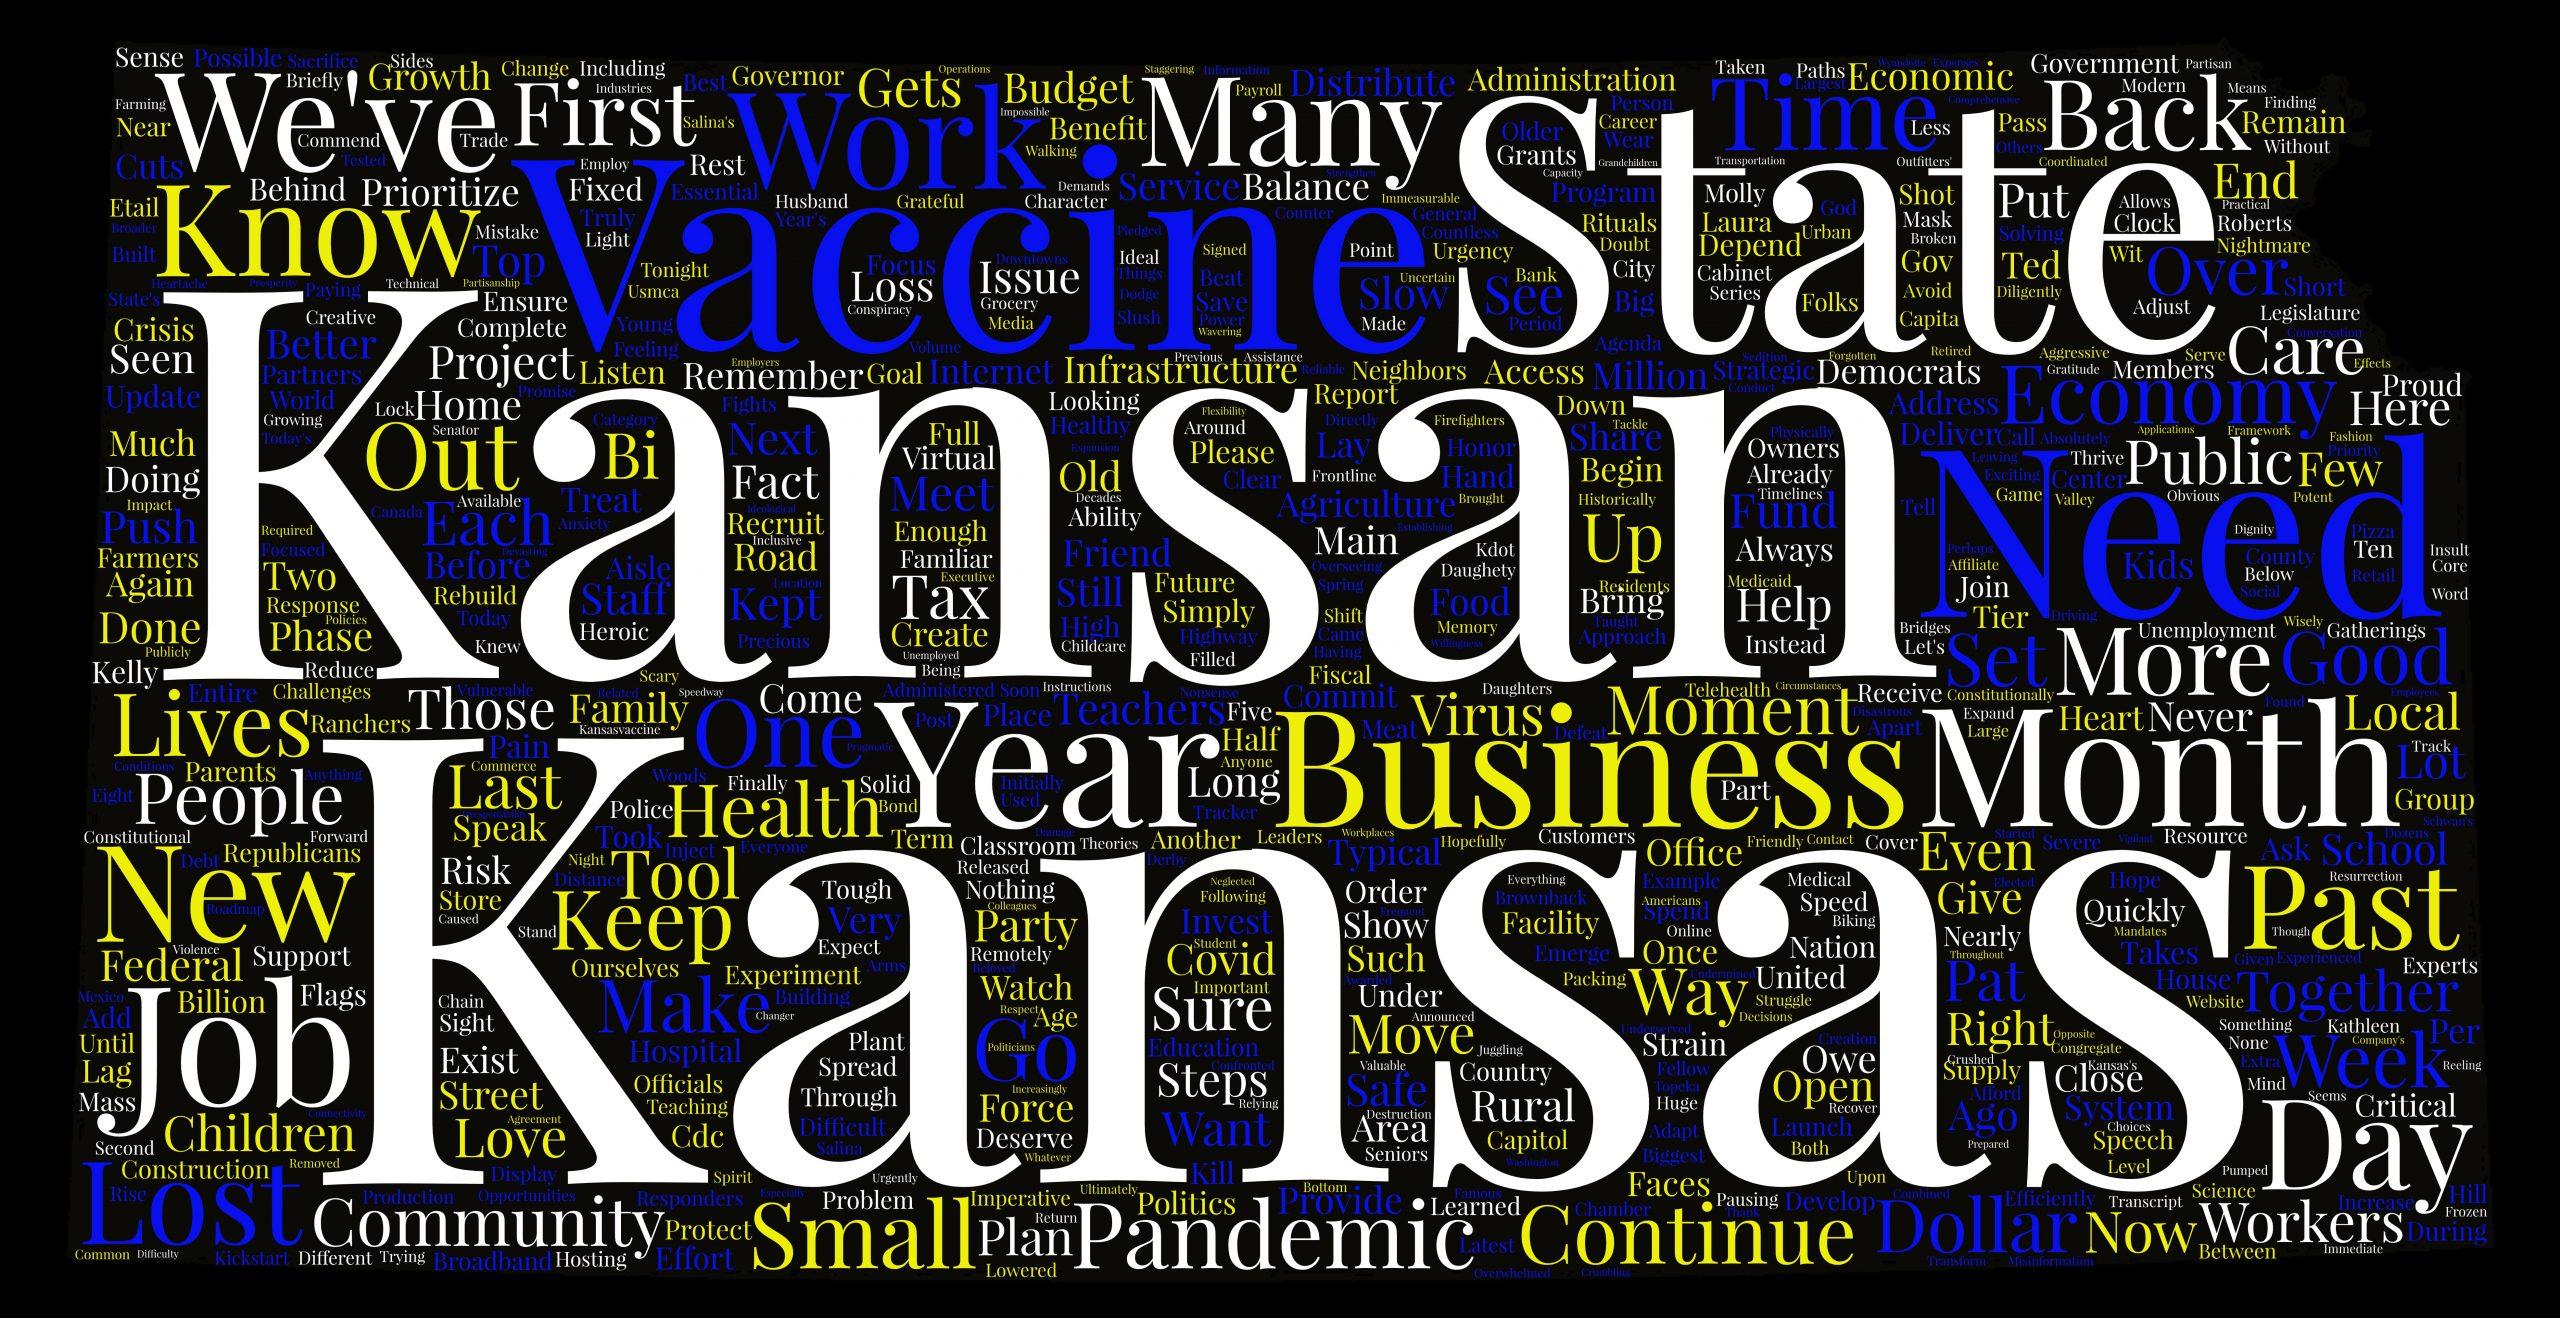 State of the State 2021: Kansas Gov. Laura Kelly's full speech transcript